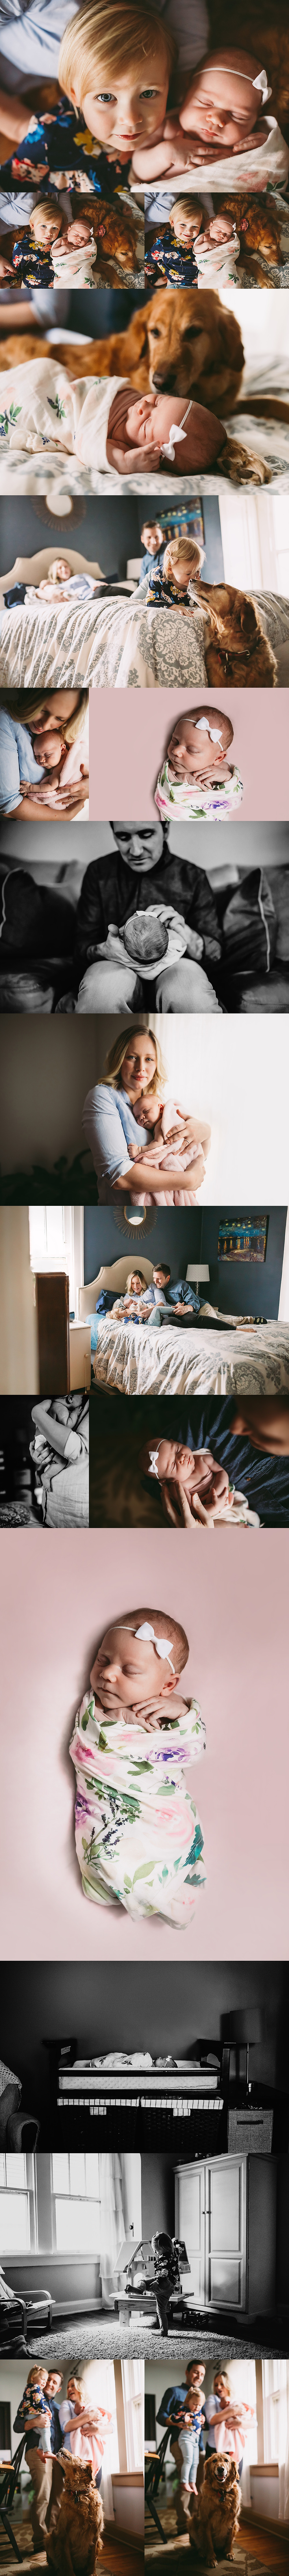 Indianapolis Newborn Photographer, Alex Morris Design